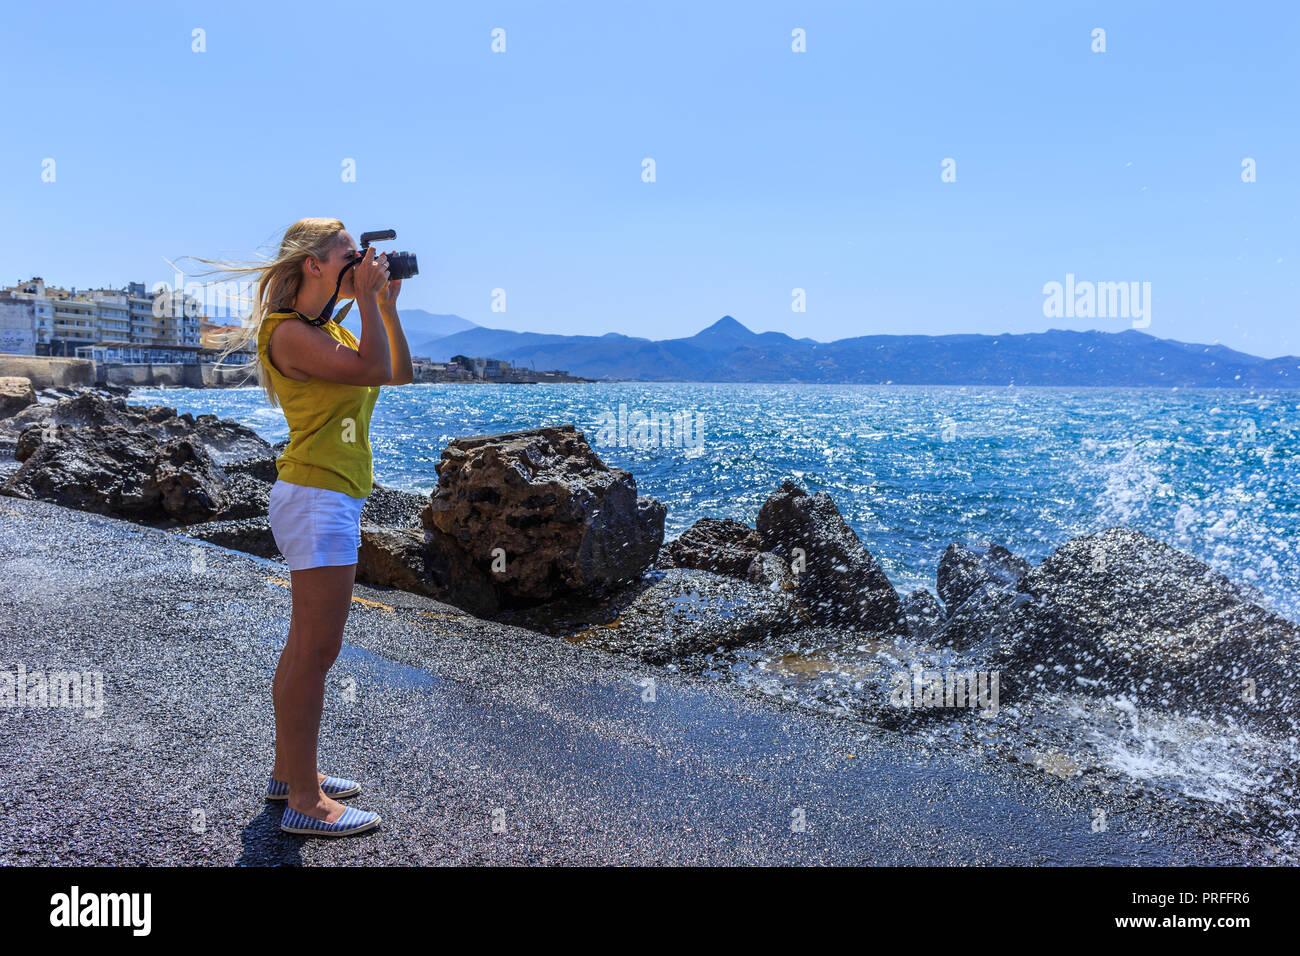 Femme photographe photographe de la nature la prise de vue mer. Concept de voyage Photo Stock